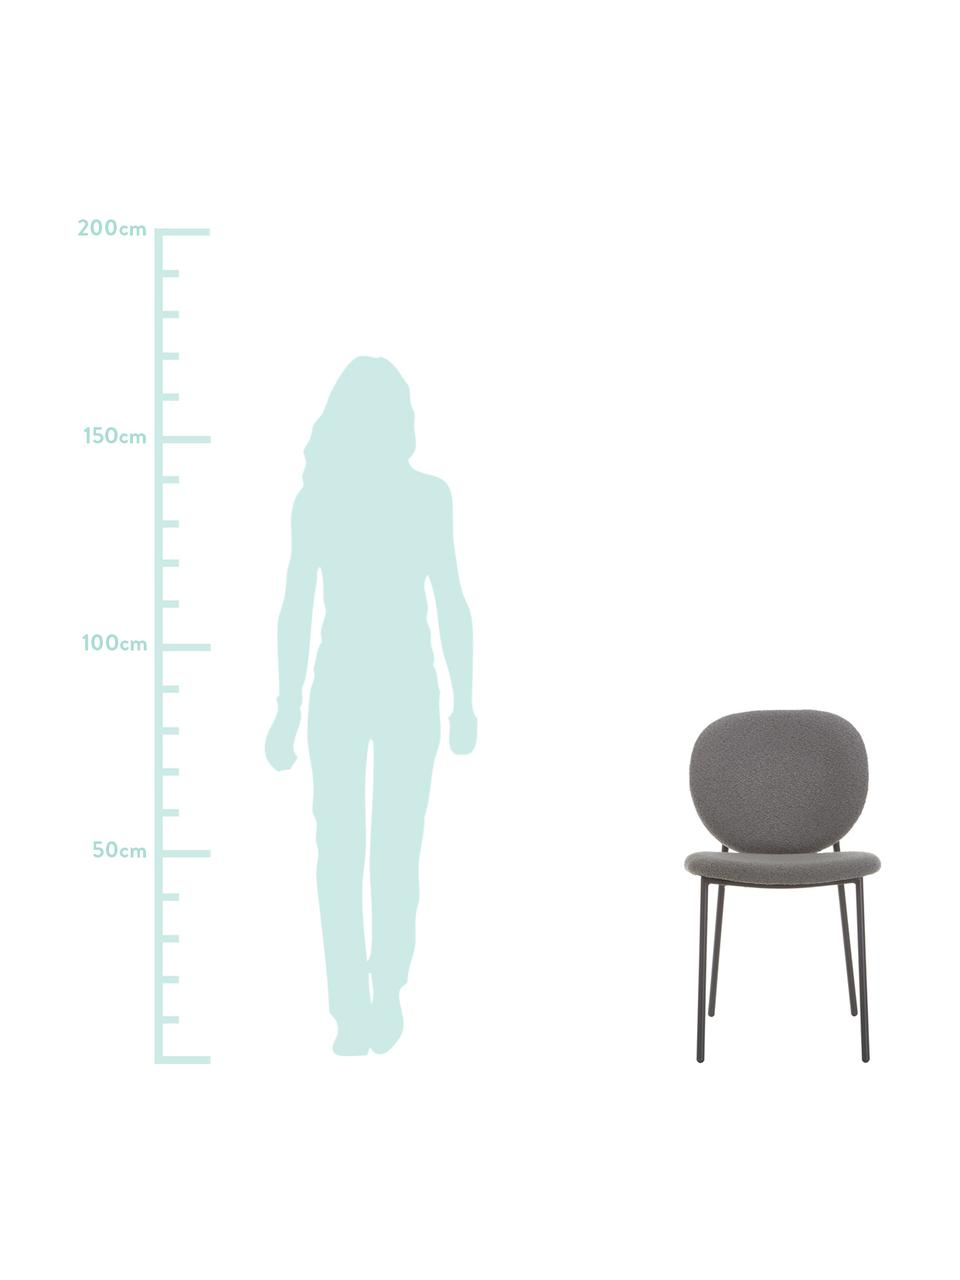 Krzesło tapicerowane bouclé Ulrica, 2 szt., Tapicerka: poliester Dzięki tkaninie, Nogi: metal malowany proszkowo, Szary, S 47 x G 61 cm